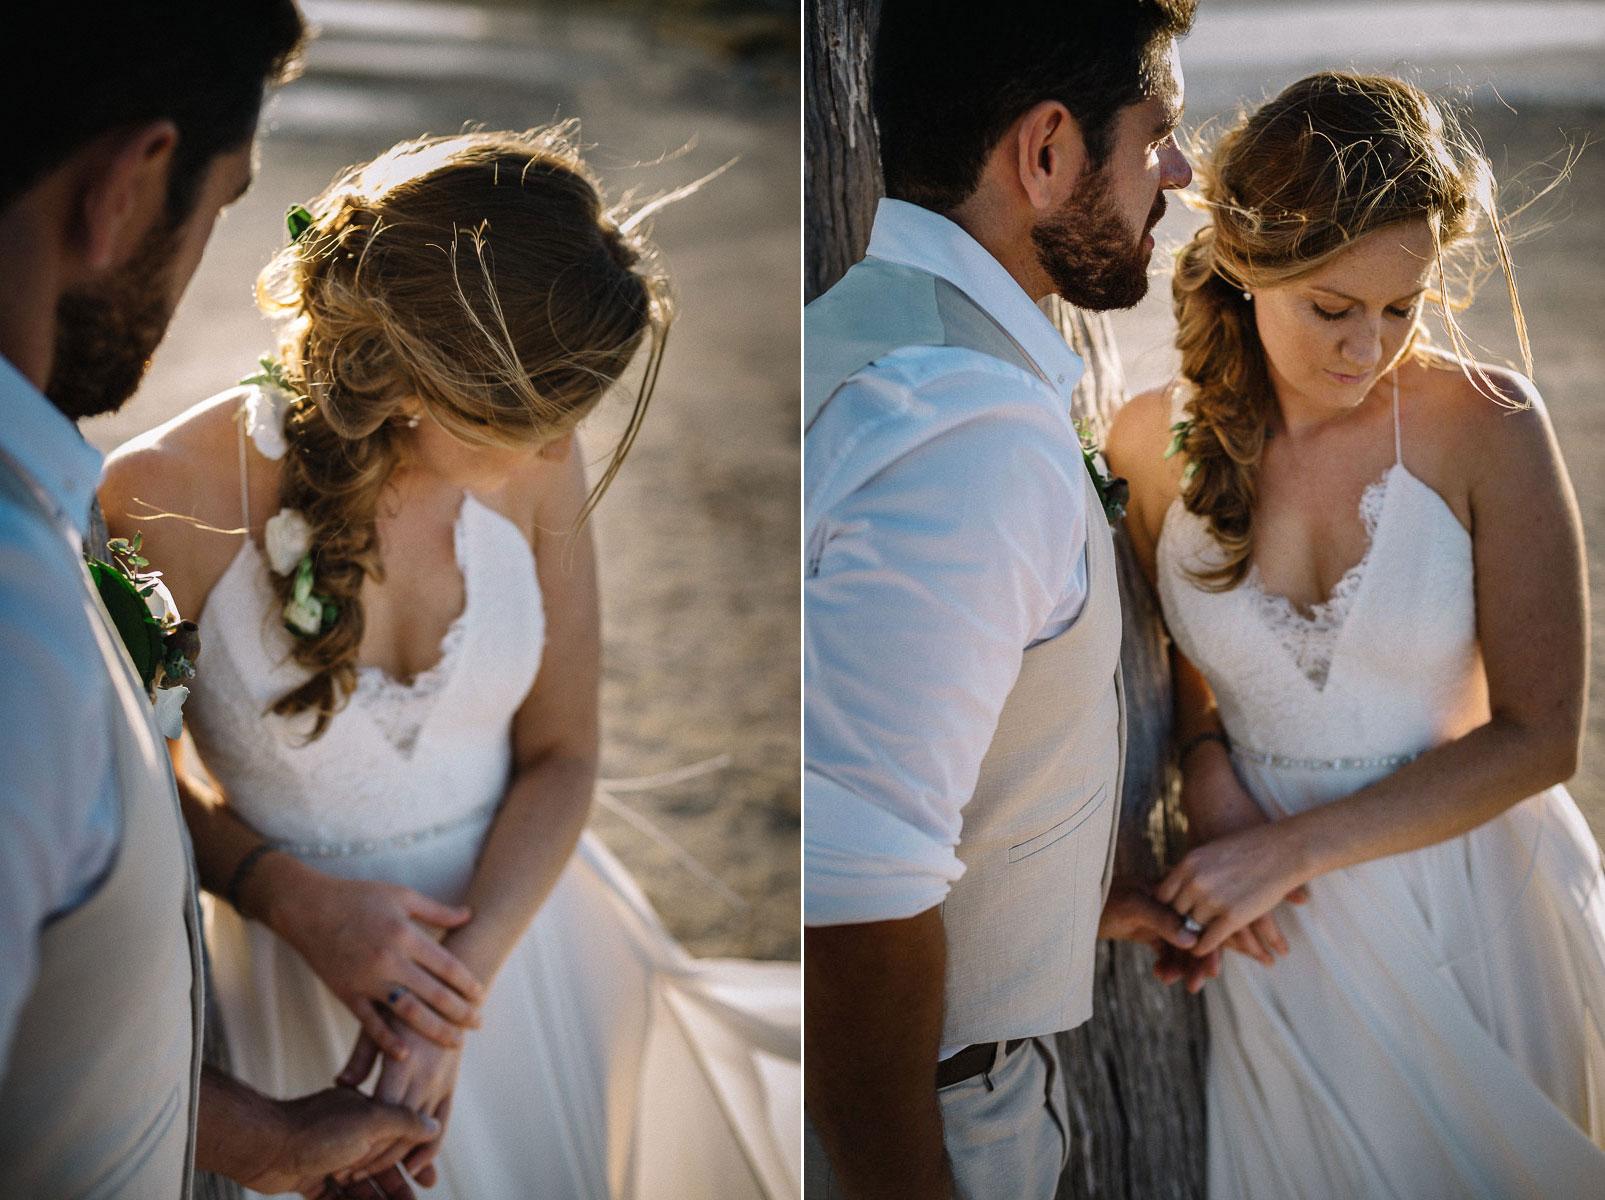 rottnest-island-elopement-piotrek-ziolkowski-photographer-58.jpg